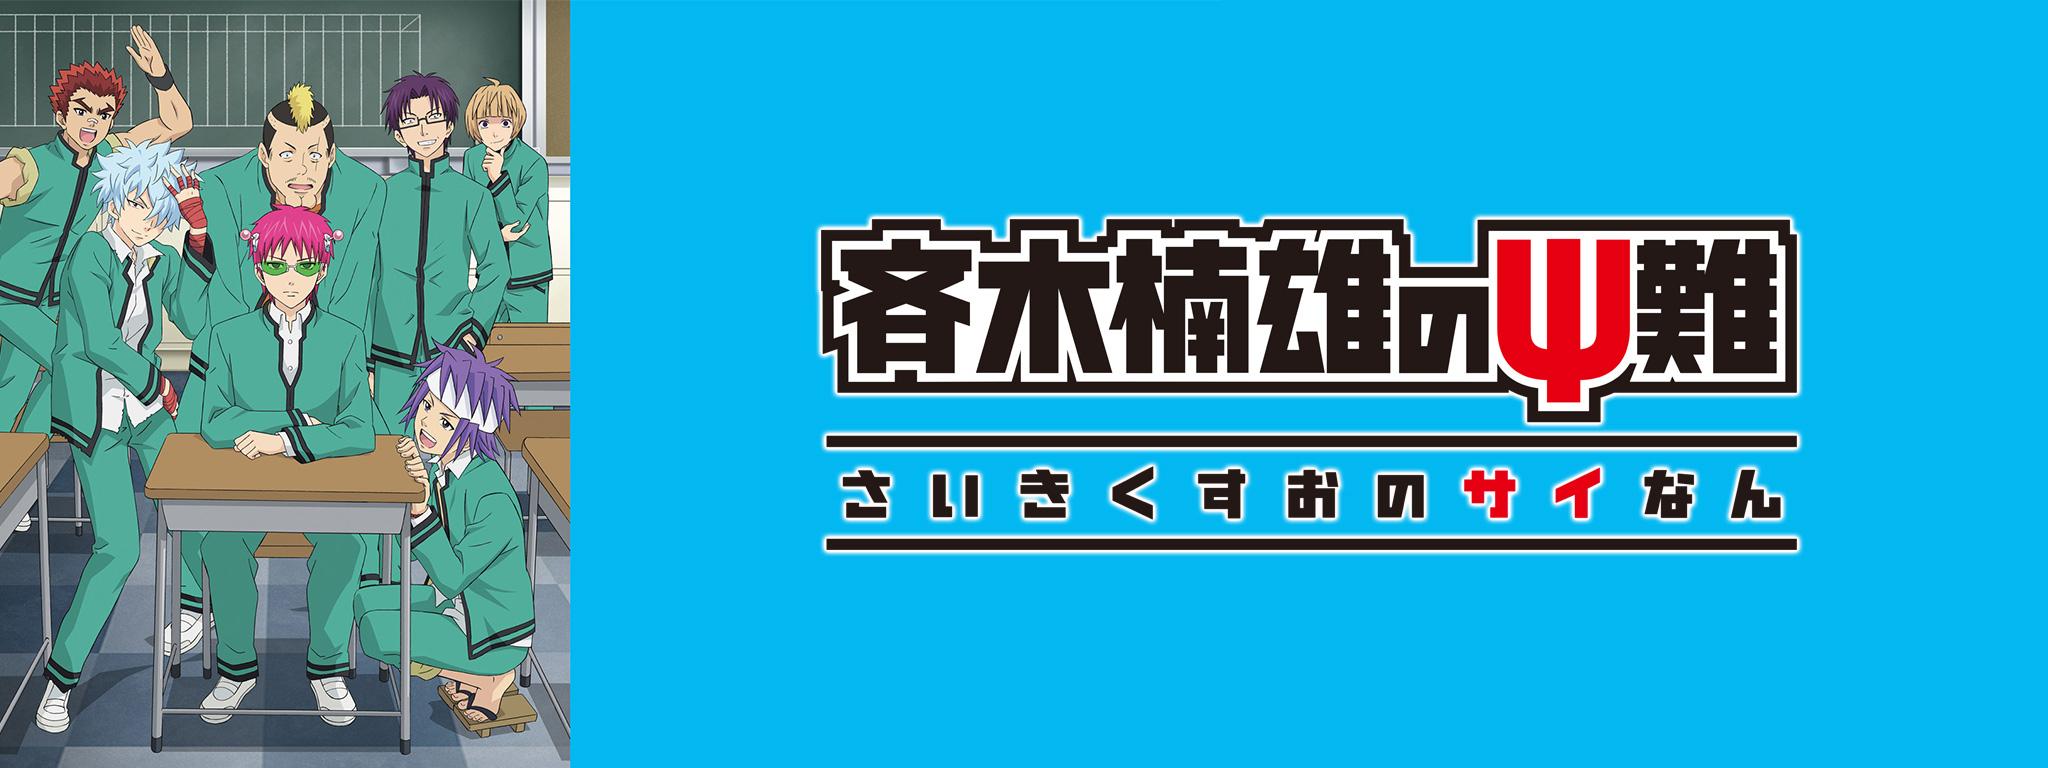 斉木楠雄のψ難動画